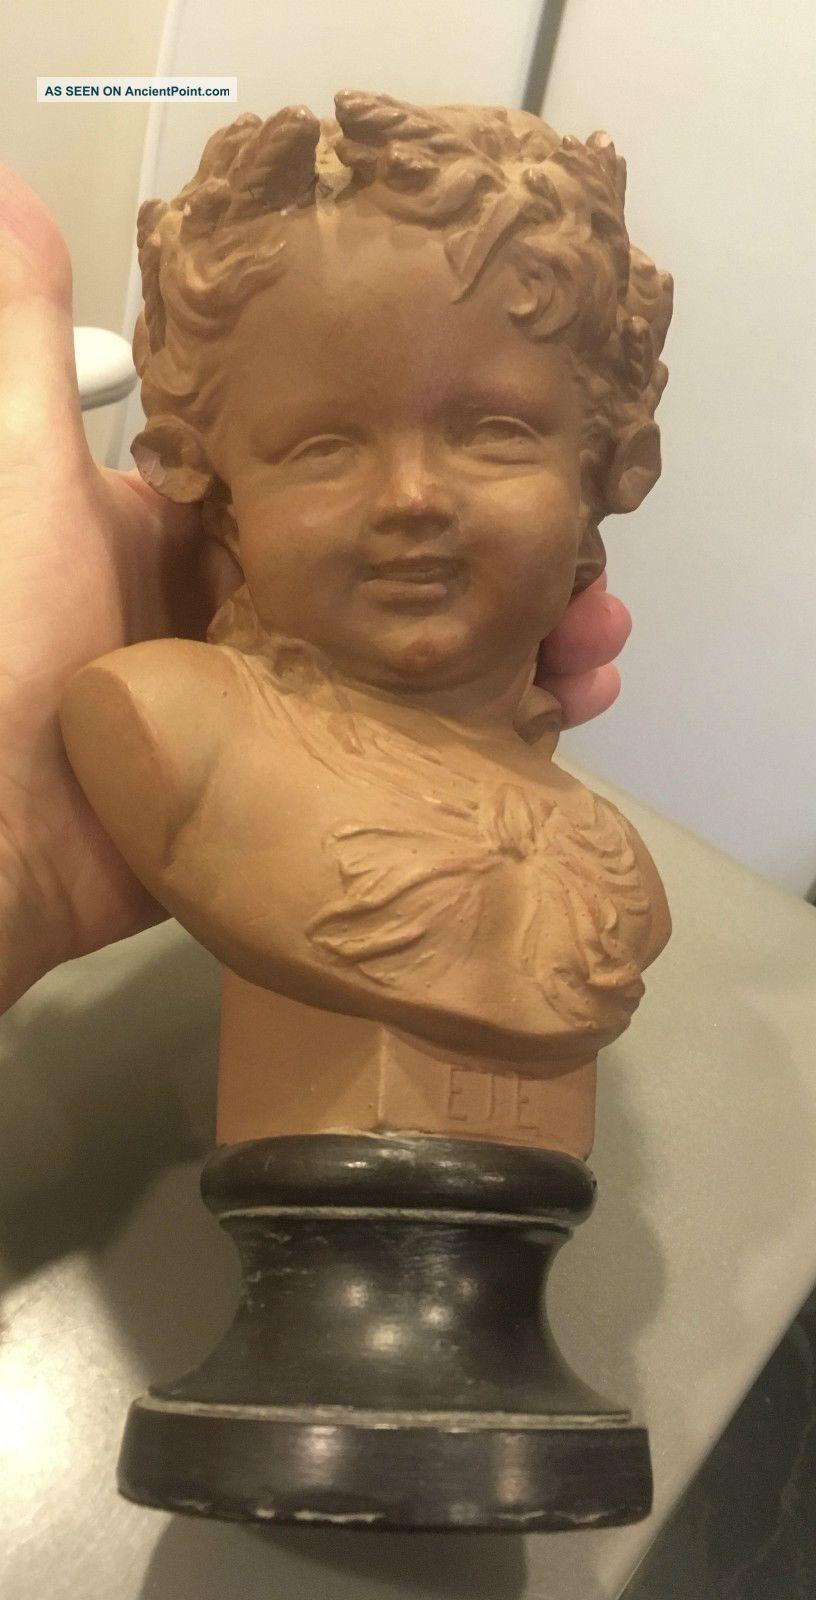 Antique French Art Nouveau Terra - Cotta Sculpture Bust Of Child Summer Ete Kley Art Nouveau photo